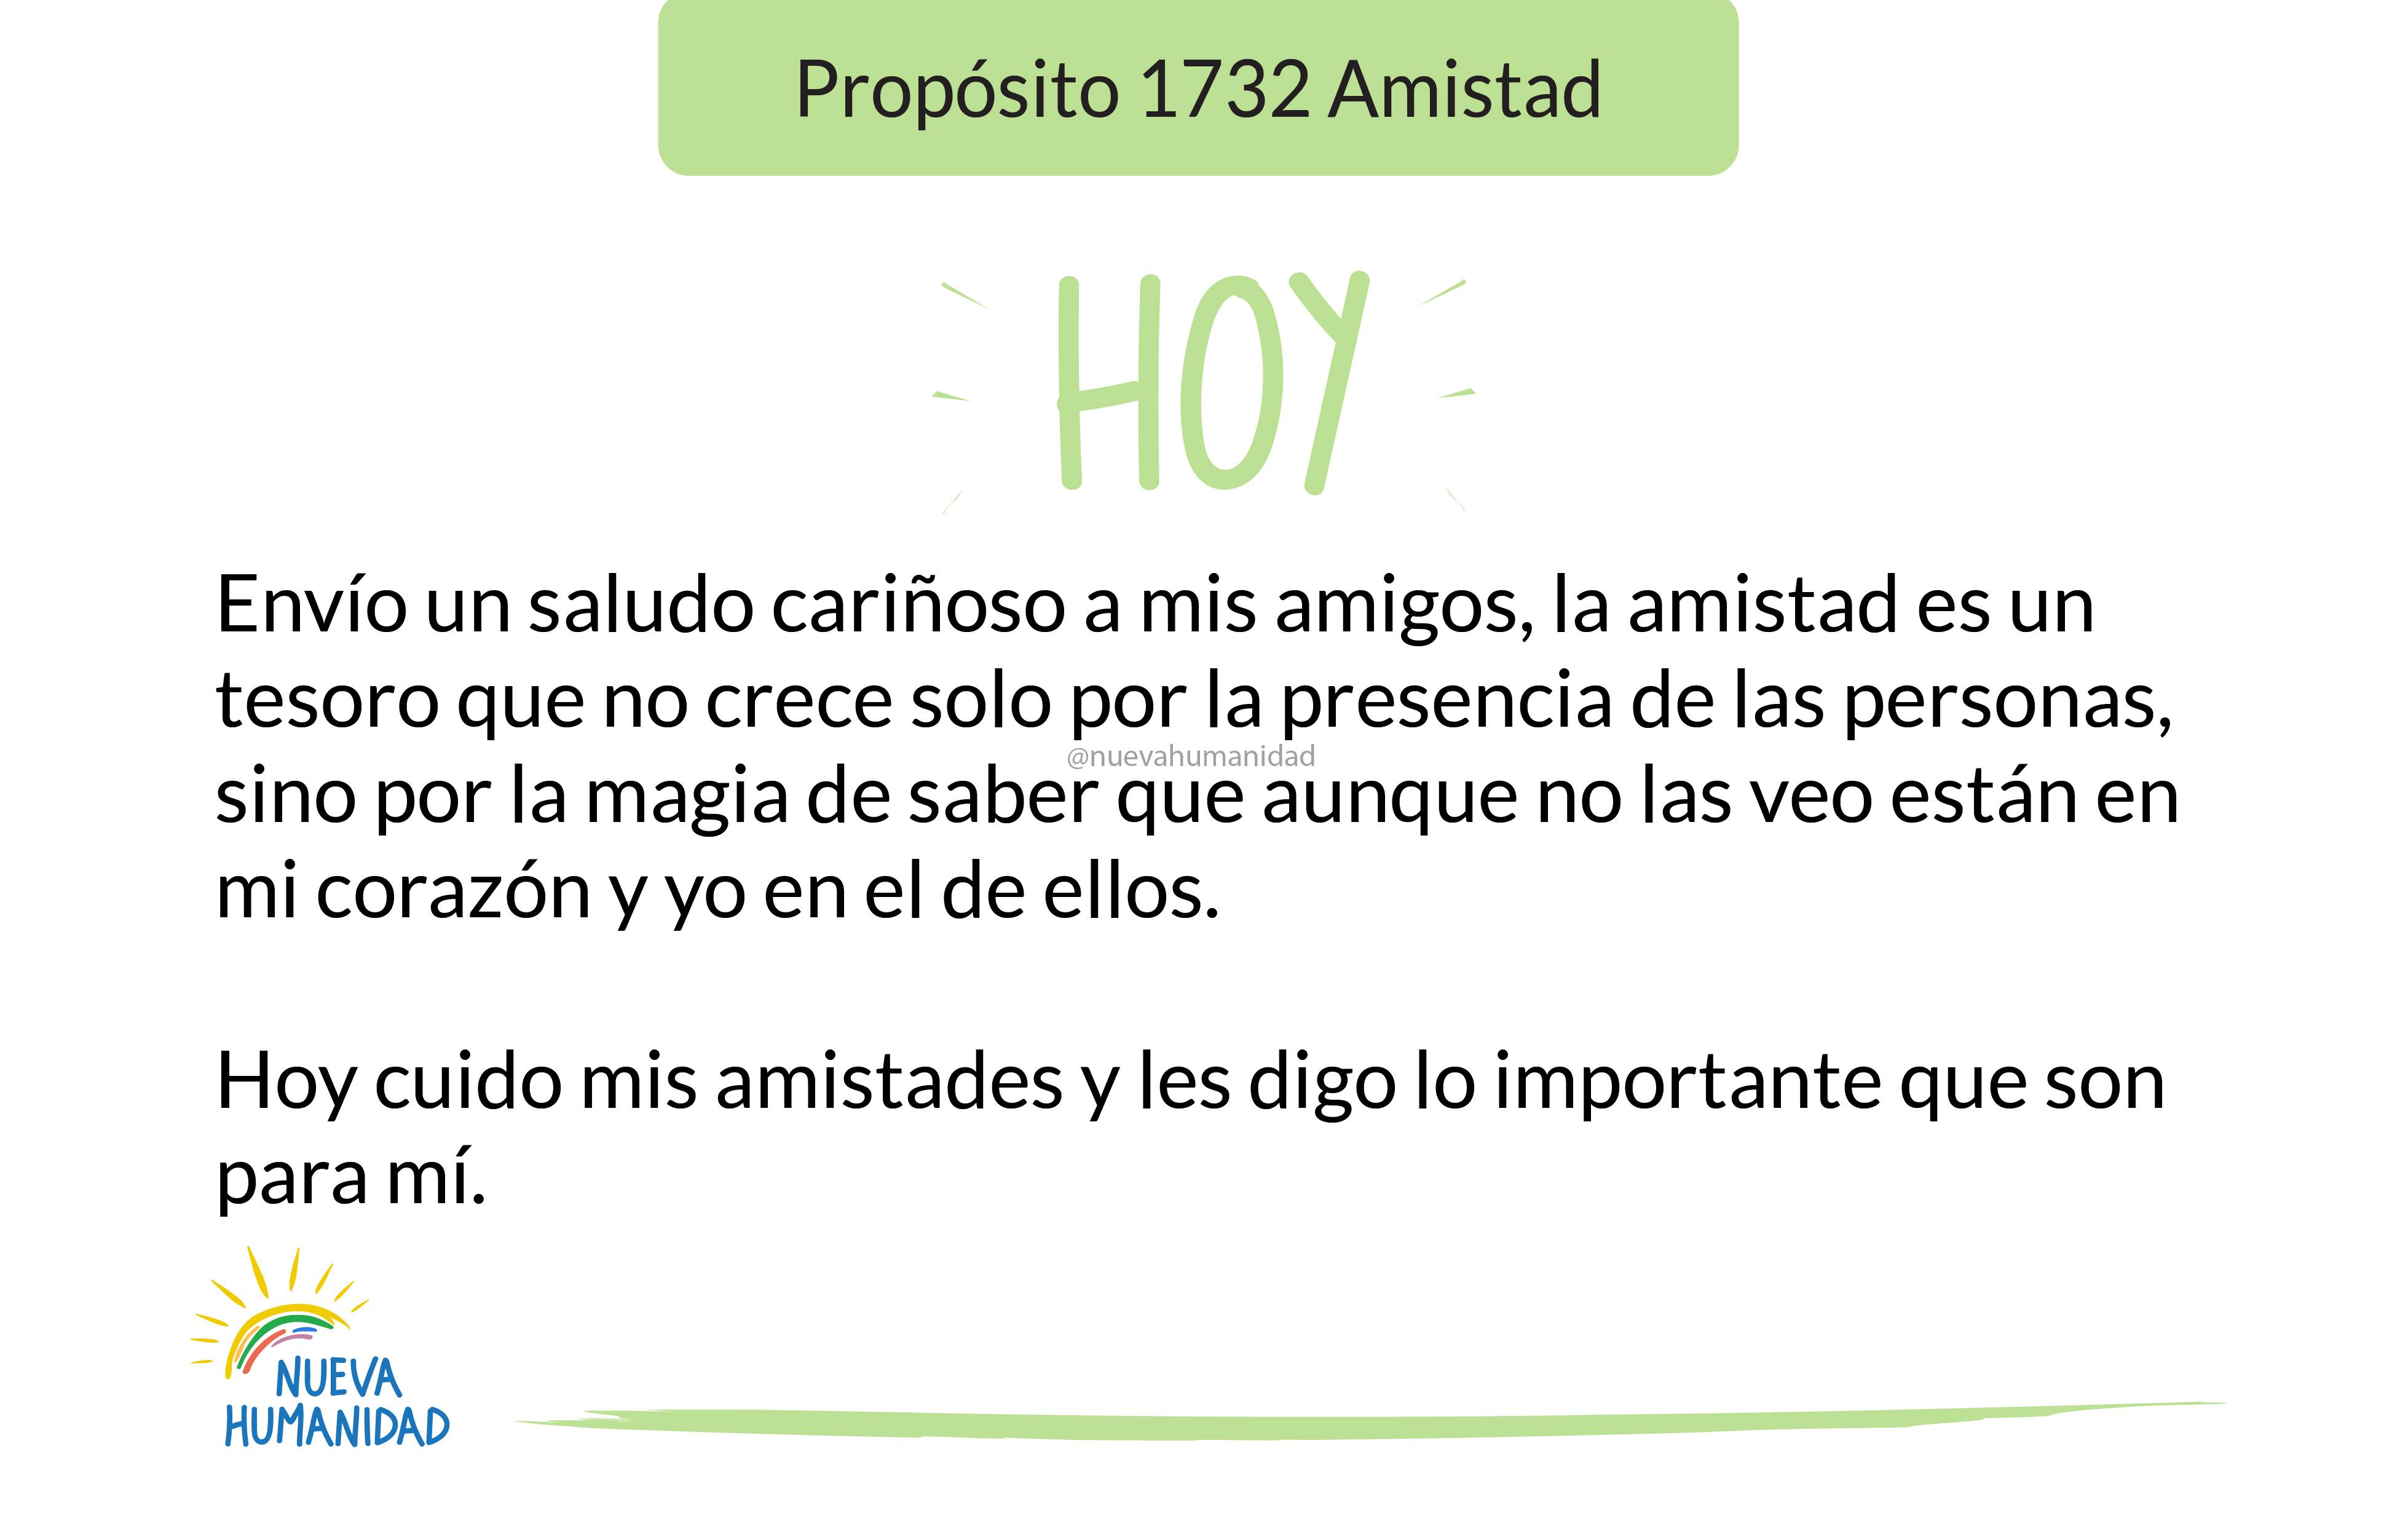 Propósito 1732 Amistad